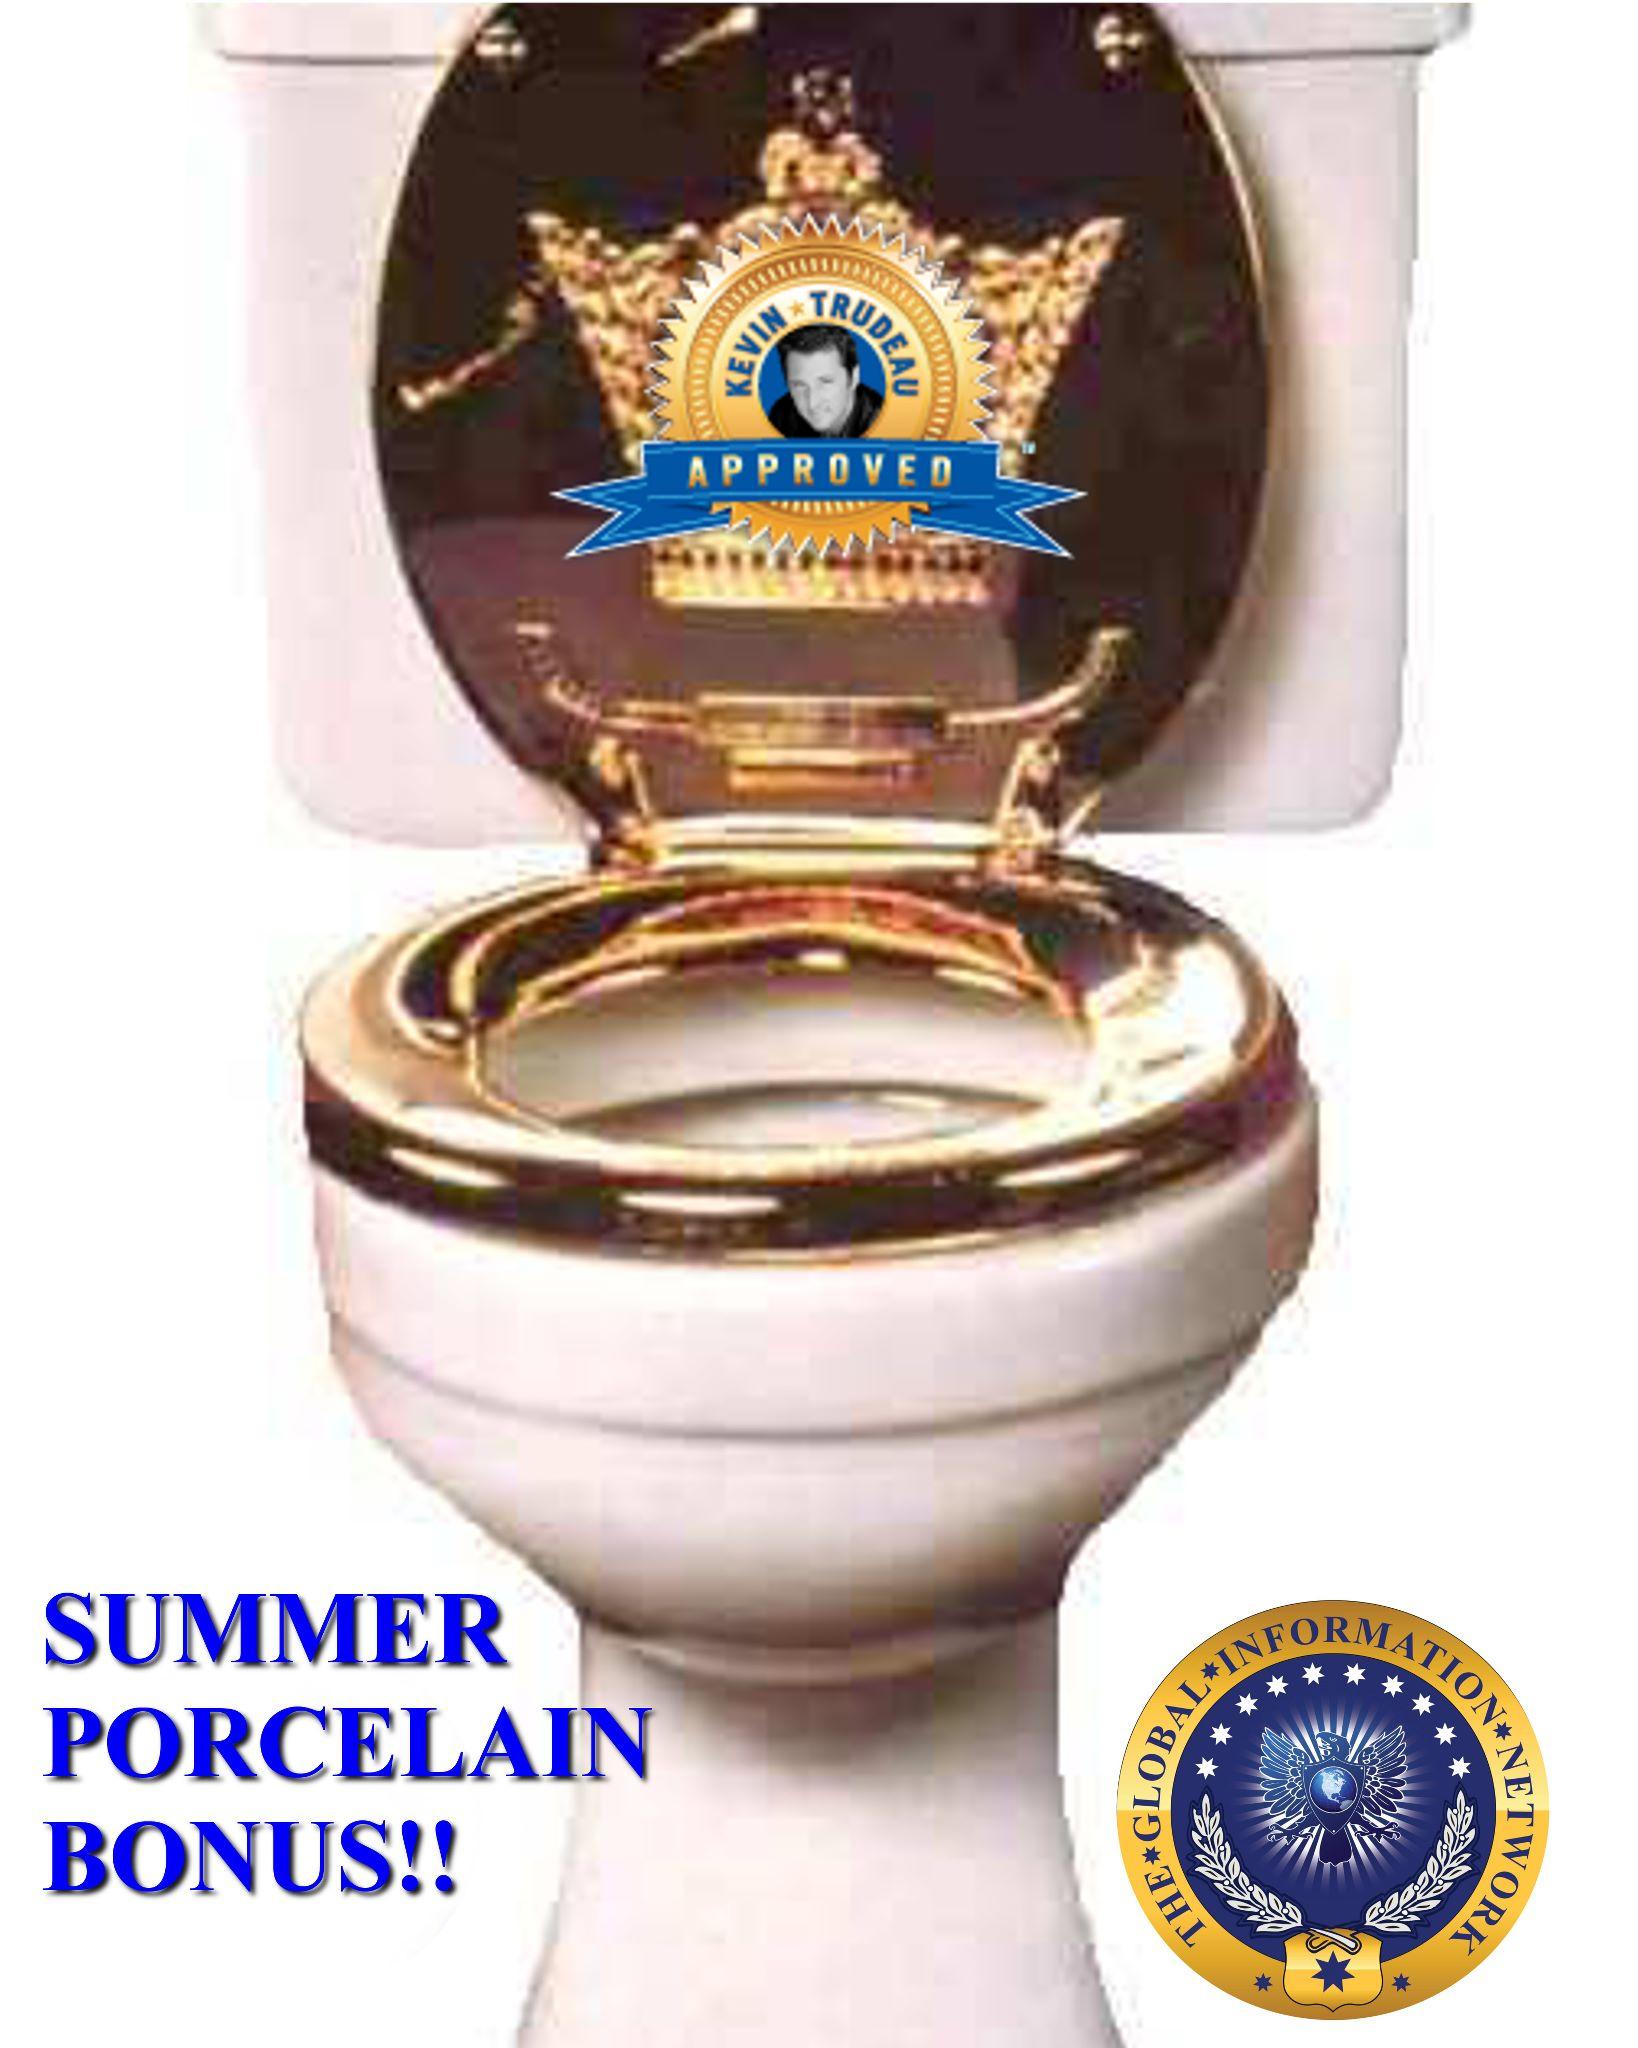 Summer Porcelain Bonus